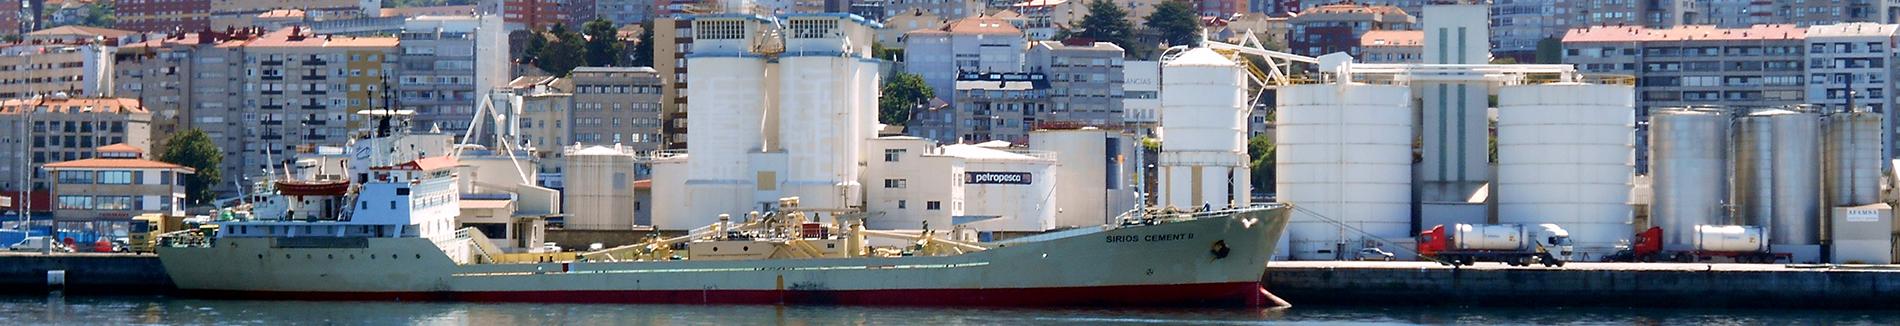 Servicios marítimos: Granel